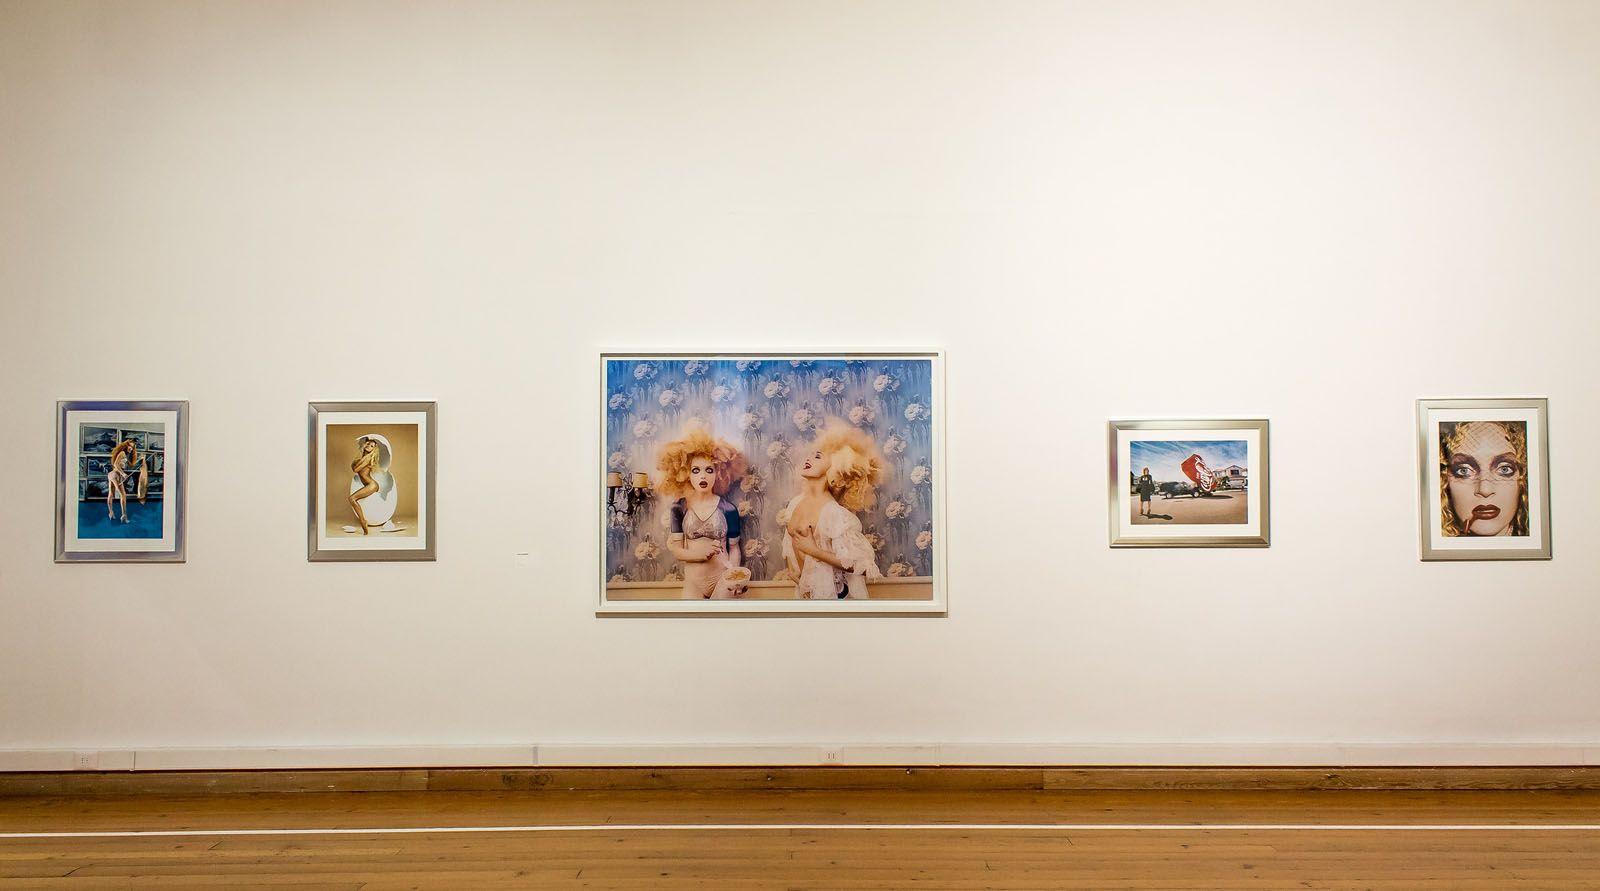 Vista de la exposición David LaChapelle. Fotografías 1983-2013, Museo de Arte Contemporáneo (MAC), Parque Forestal, Santiago de Chile, jul-sept 2015. Foto: Damaris Herrera. Cortesía: MAC